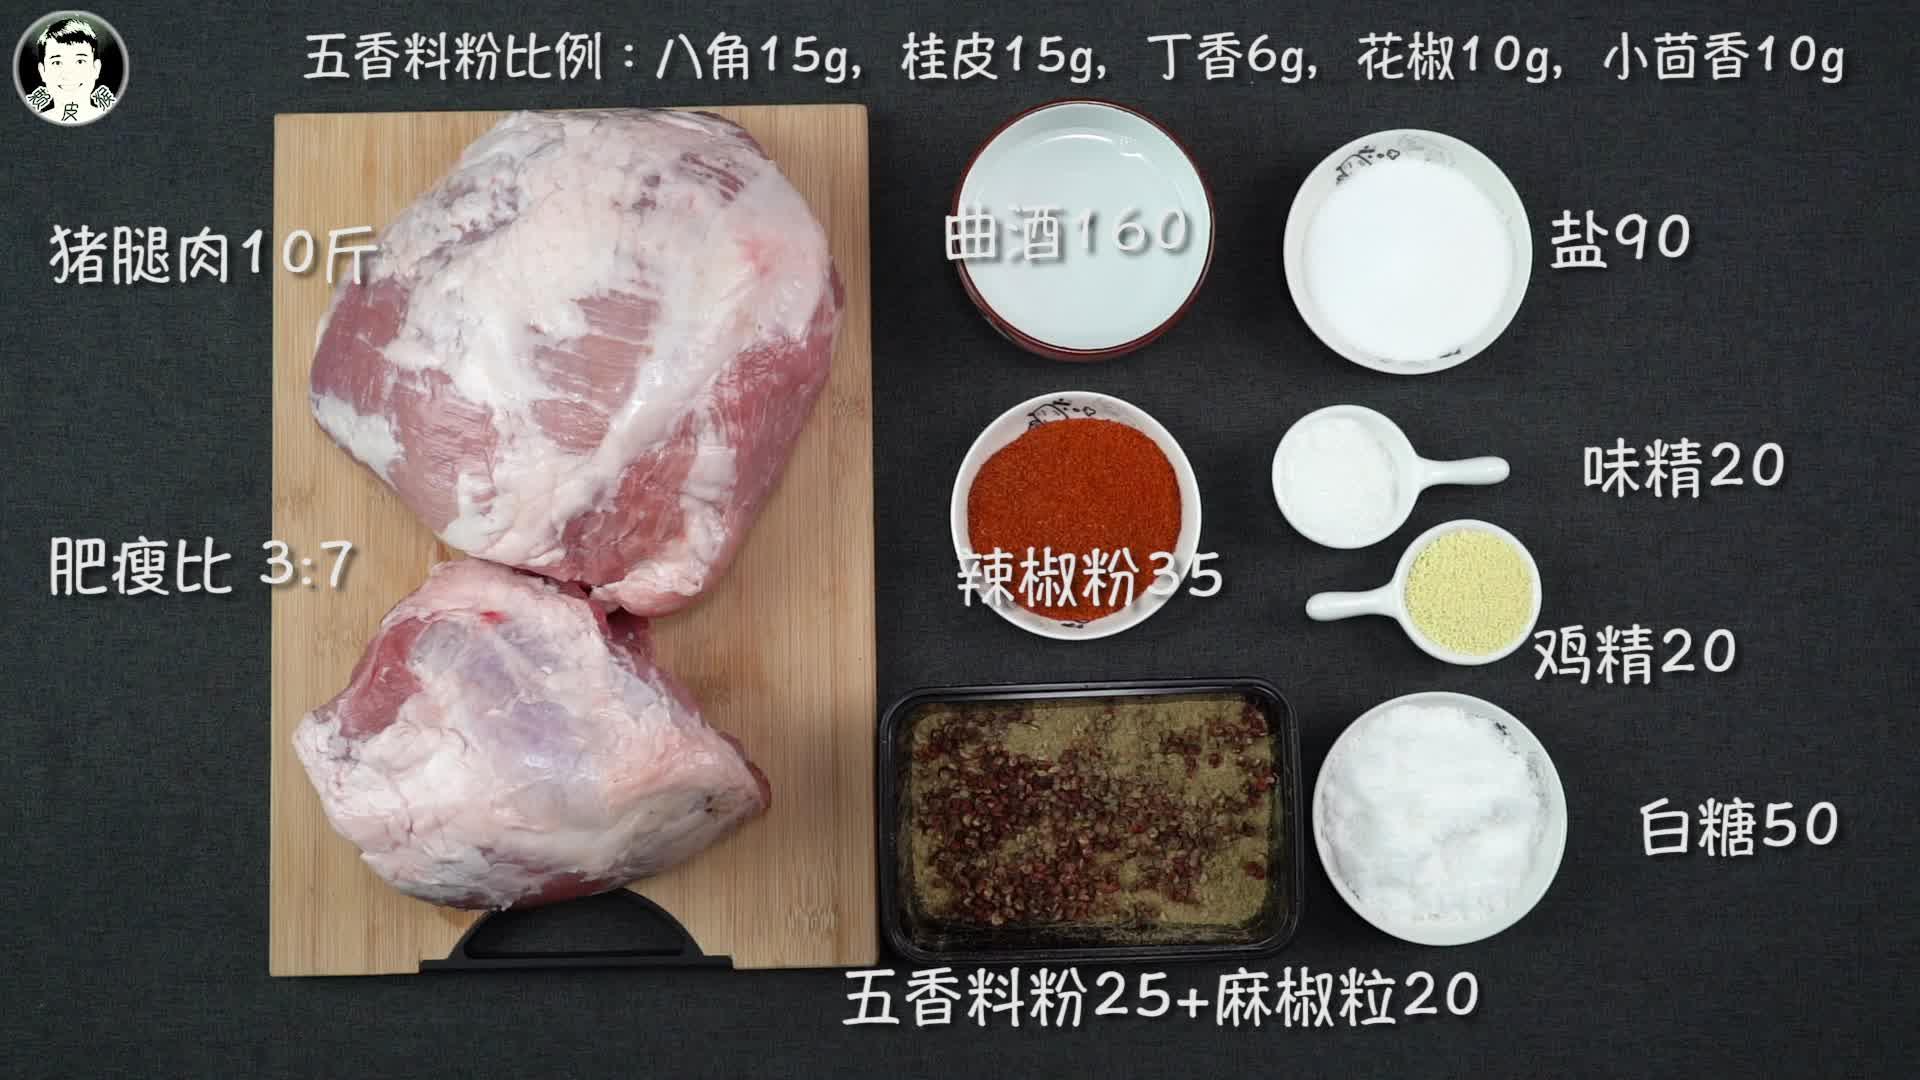 「赖皮猴」川式麻辣香肠 调料配方 制作过程技巧 干货分享